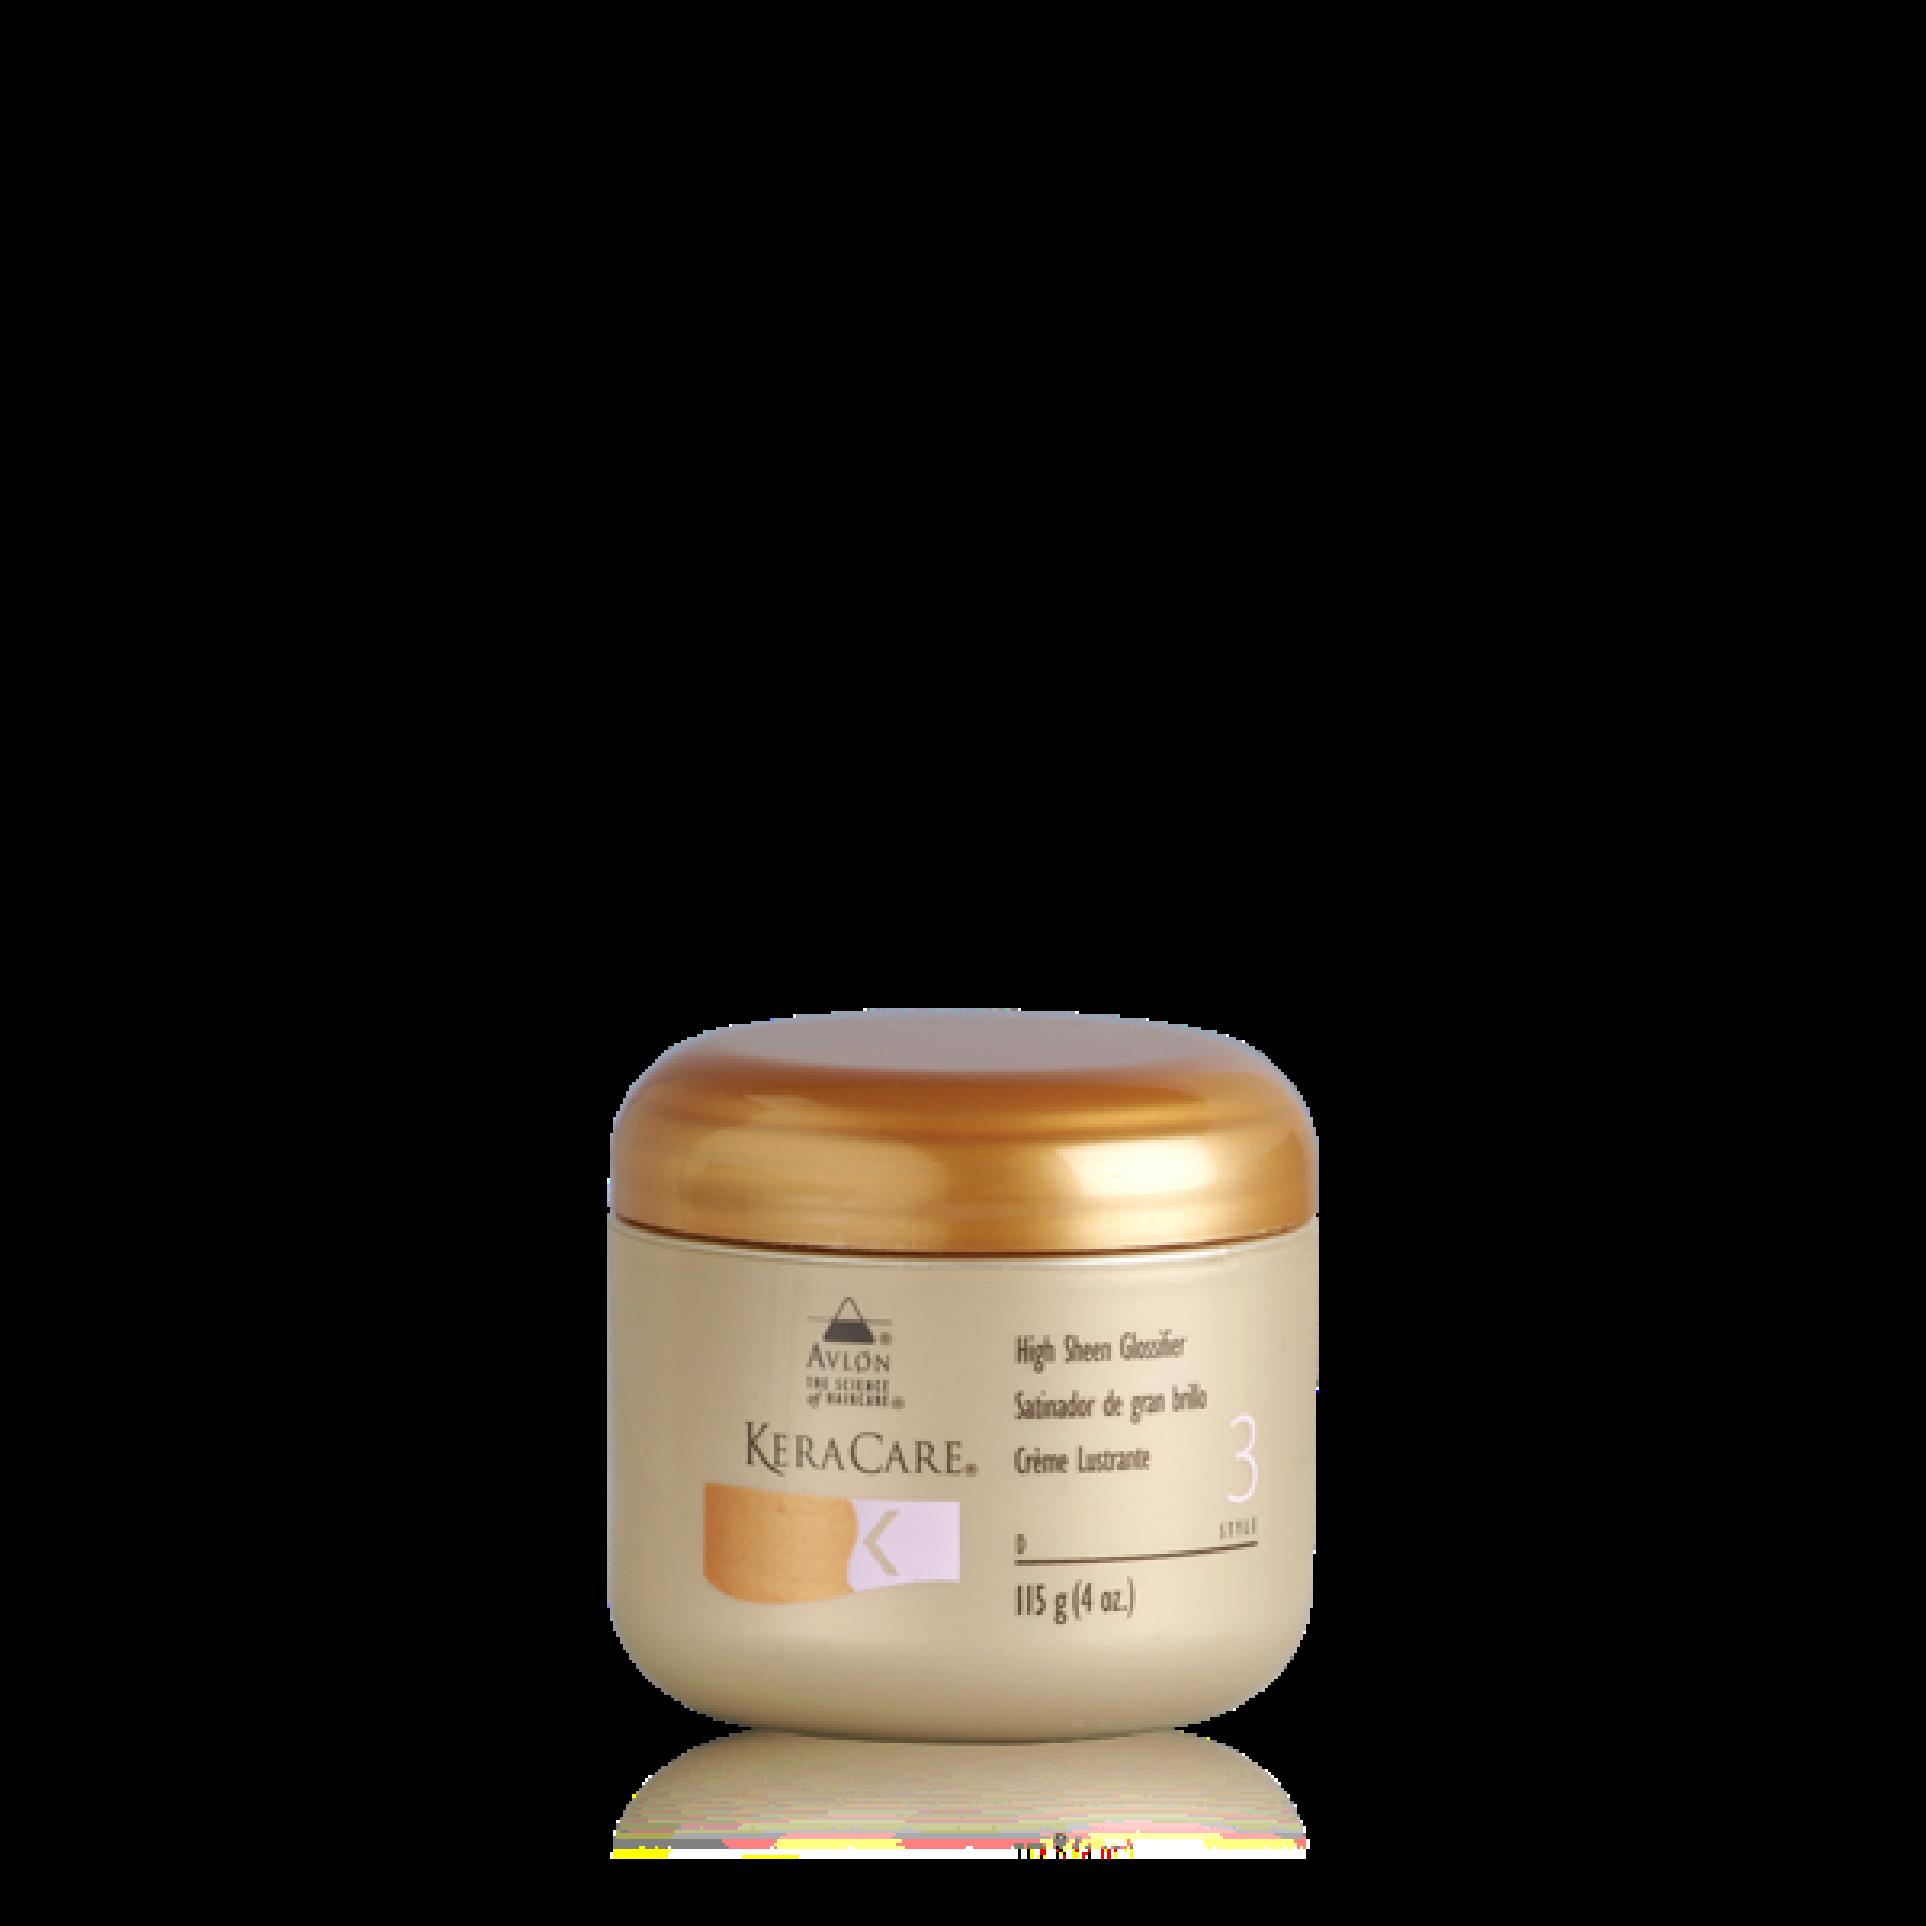 keracare-product-image-High-Sheen-Glossifier_600x